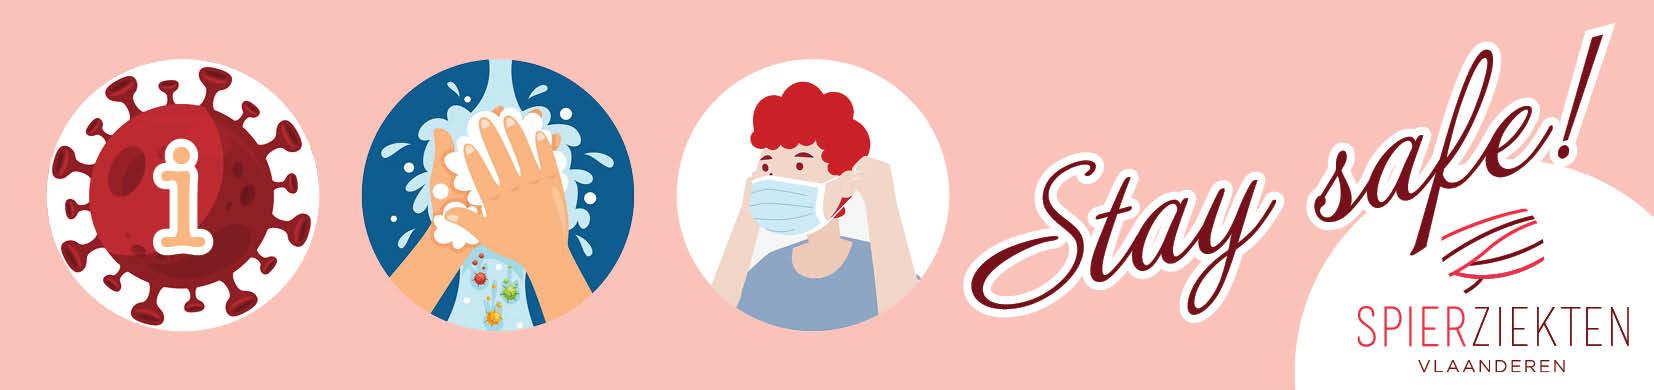 Stay-Safe-Live-ontmoetingen-Spierziekten-Vlaanderen-vzw Spierziekten en Coronavirus